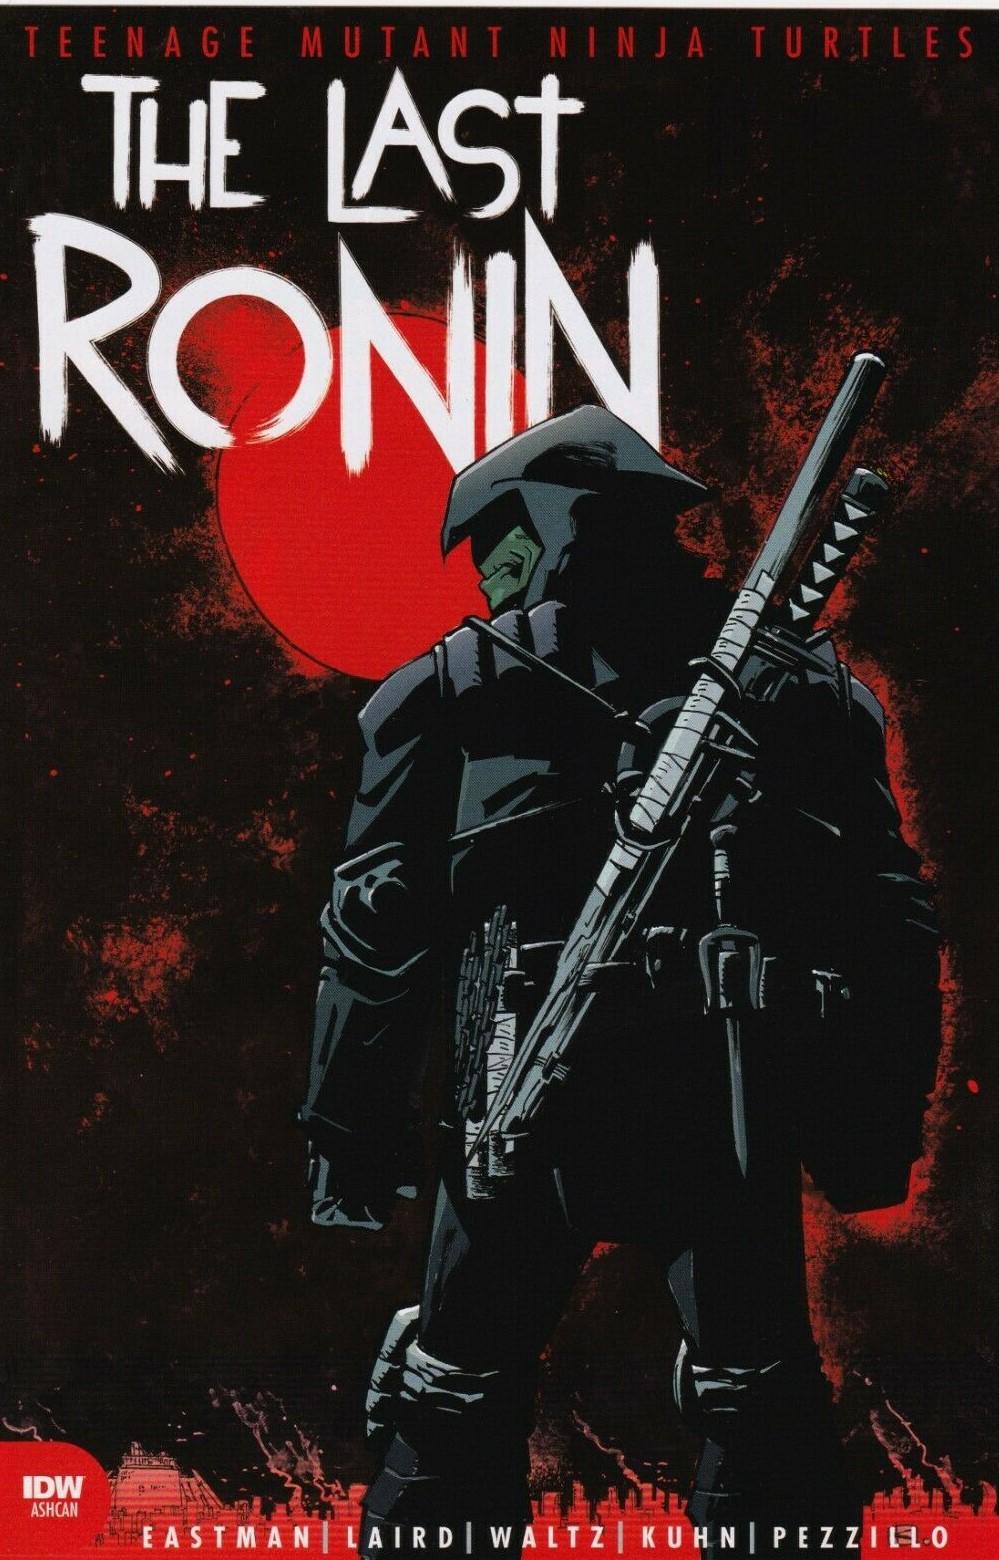 Teenage Mutant Ninja Turtles: The Last Ronin #Ashcan (2020)